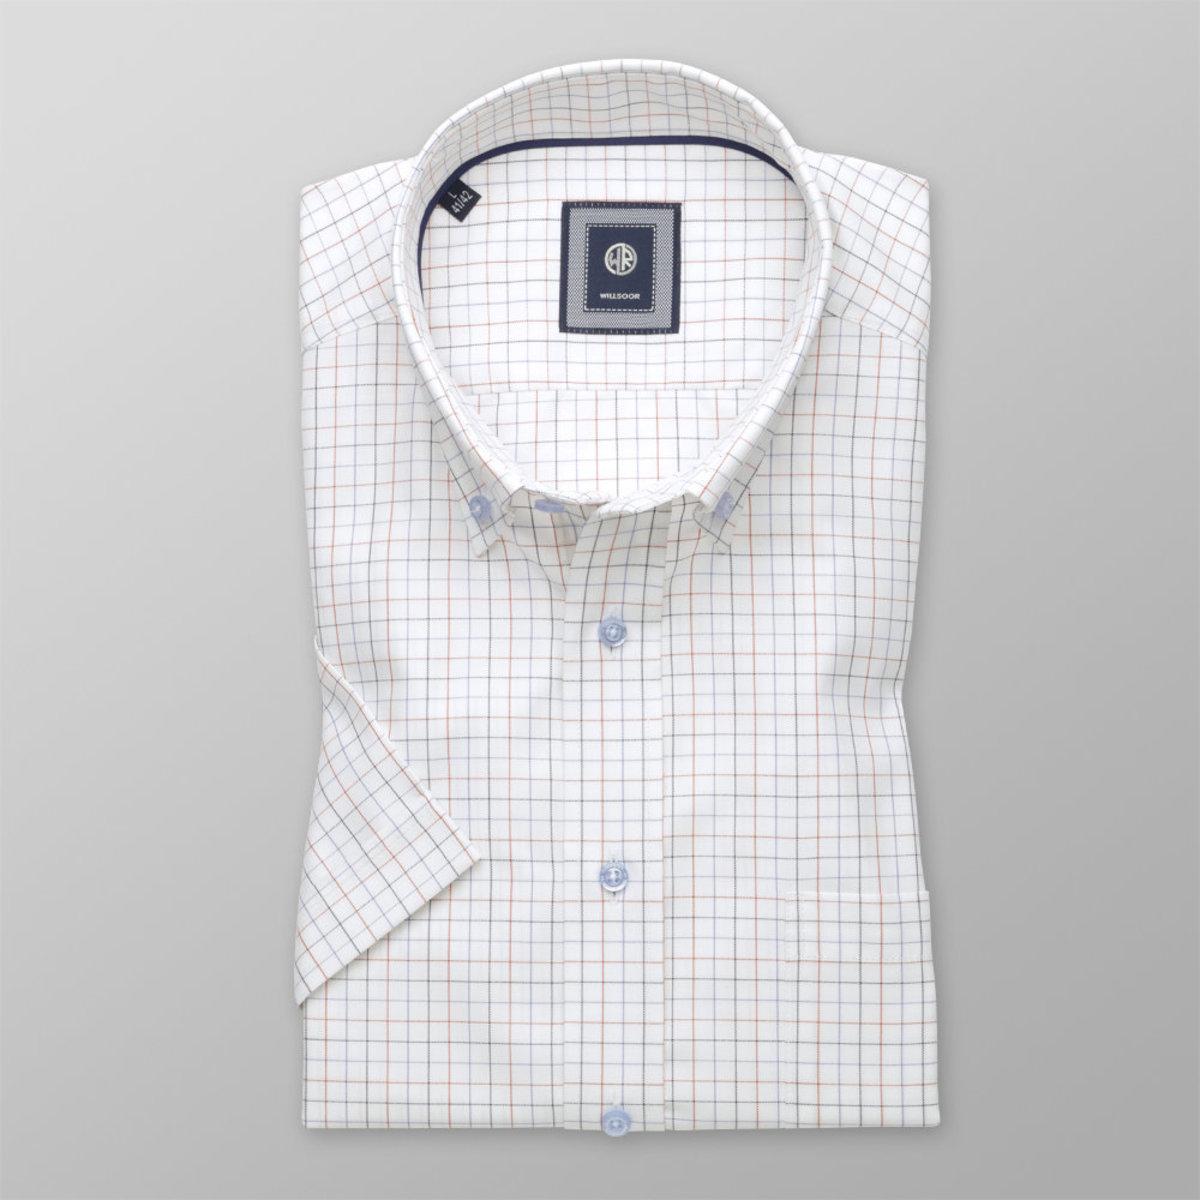 Košeľa Slim Fit s jemným károvaným vzorom (výška 176 - 182) 10832 176-182 / L (41/42)